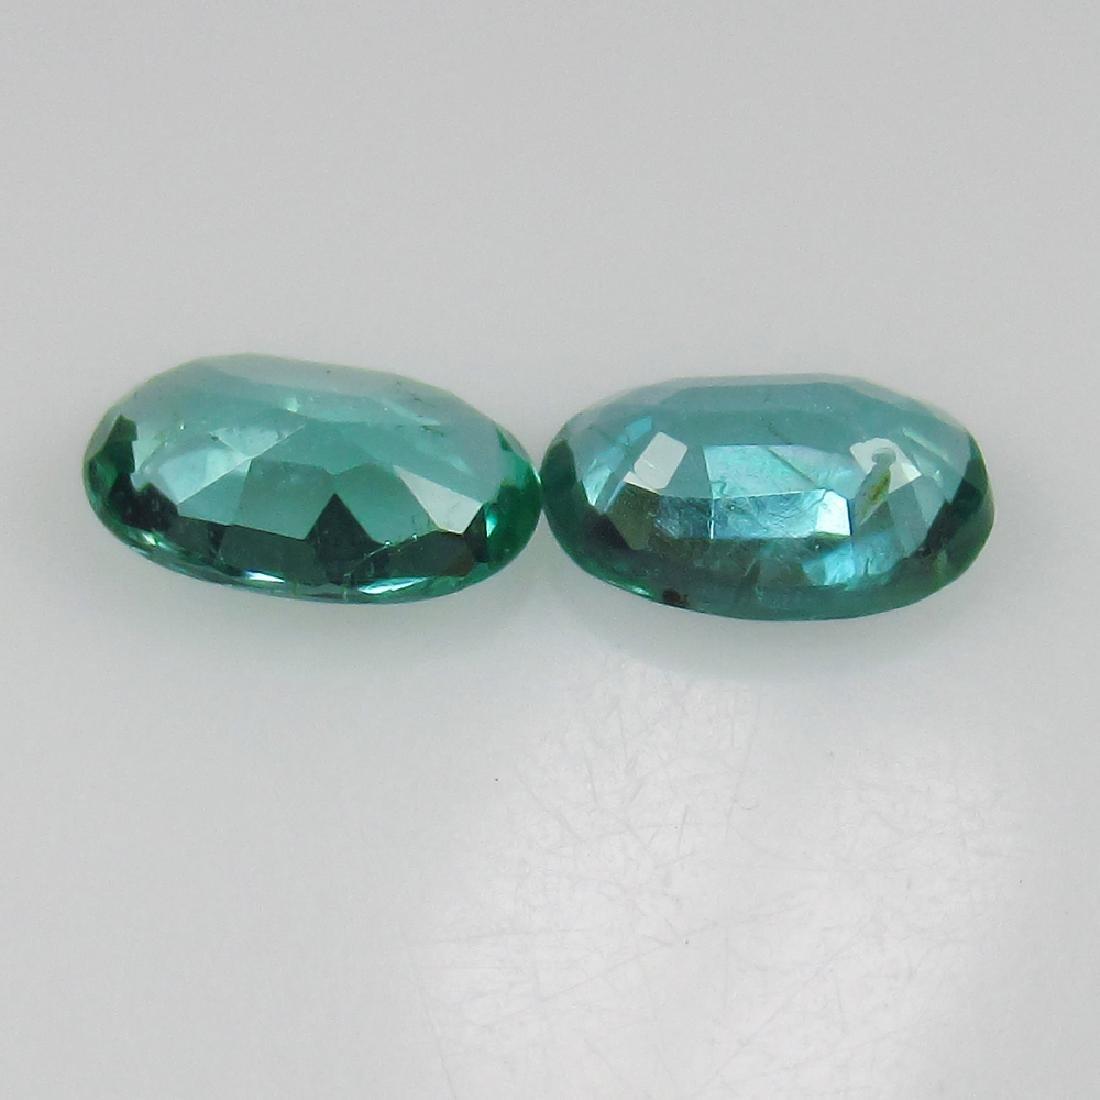 0.72 Ct Genuine Zambian Emerald 6X4 mm Matching Oval - 2